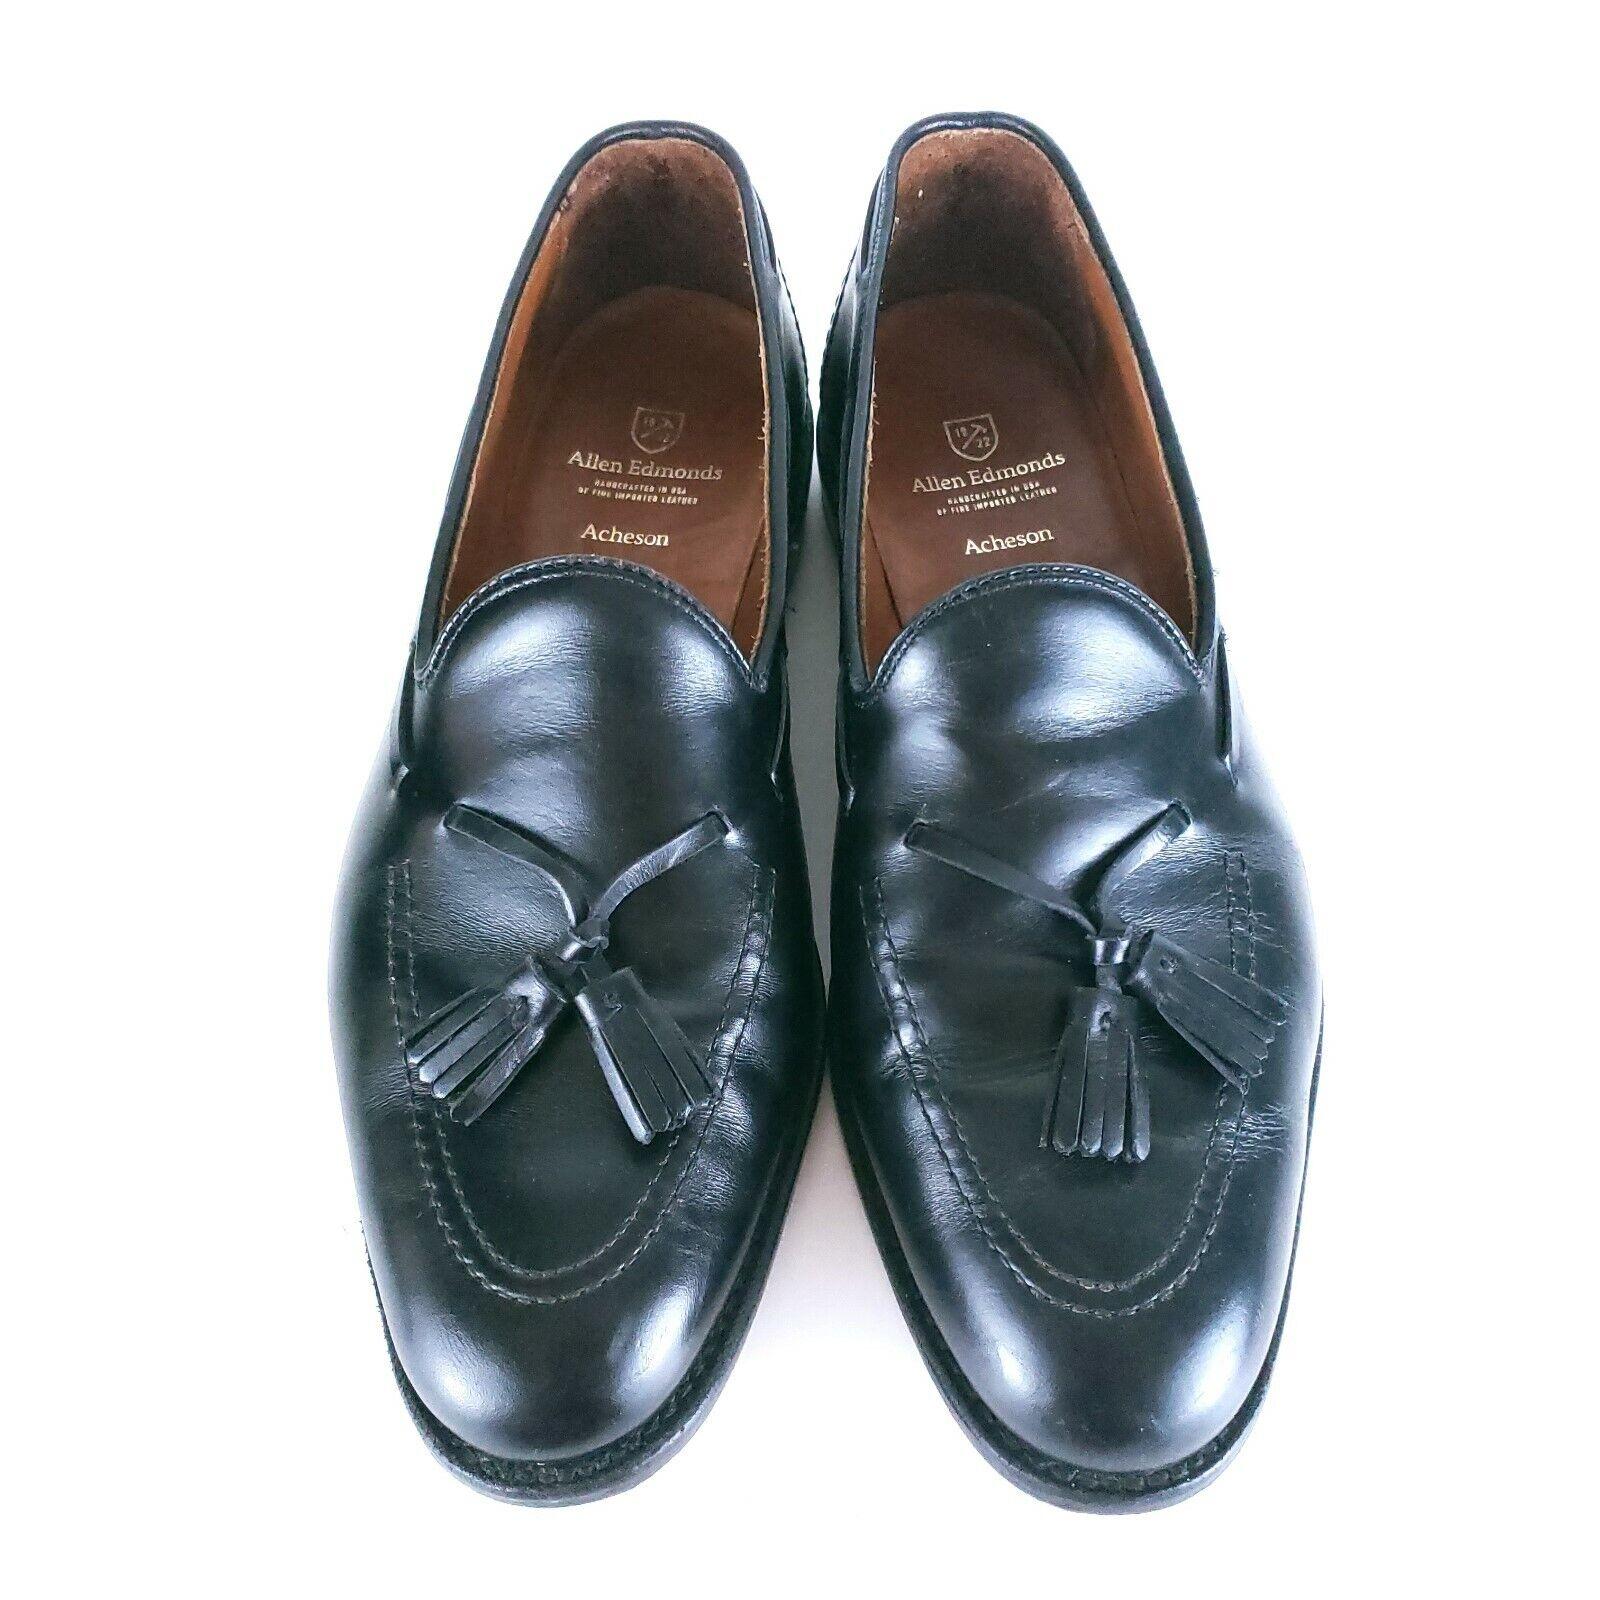 Allen Edmonds Tassel mocassin hommes chaussures Acheson Noir Taille 11-Made in USA